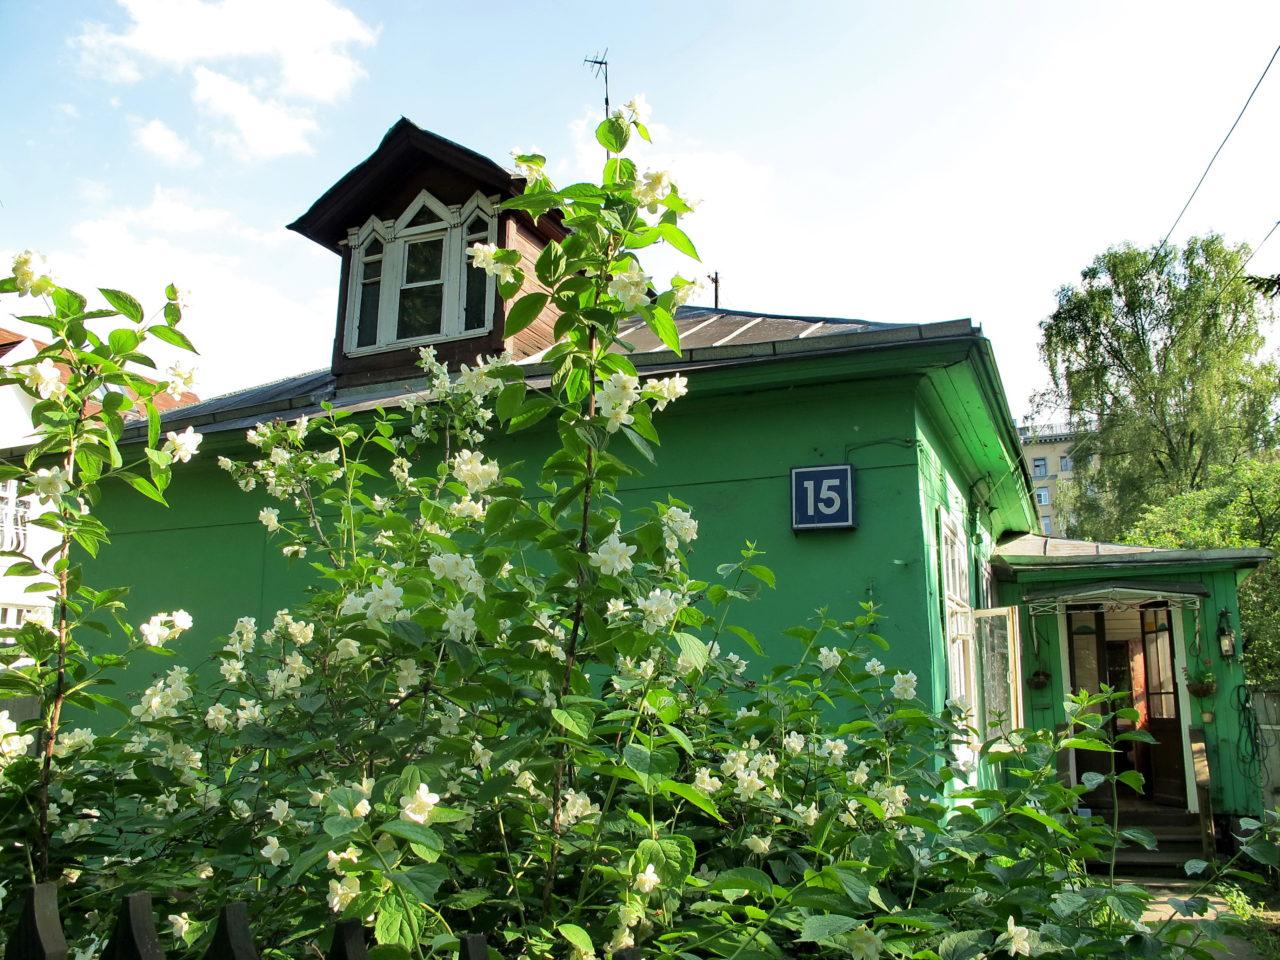 Wilde Gärten mitten in Moskau: So grün ist der Stadtteil Sokol. / Foto: Inna Runkowskaja.